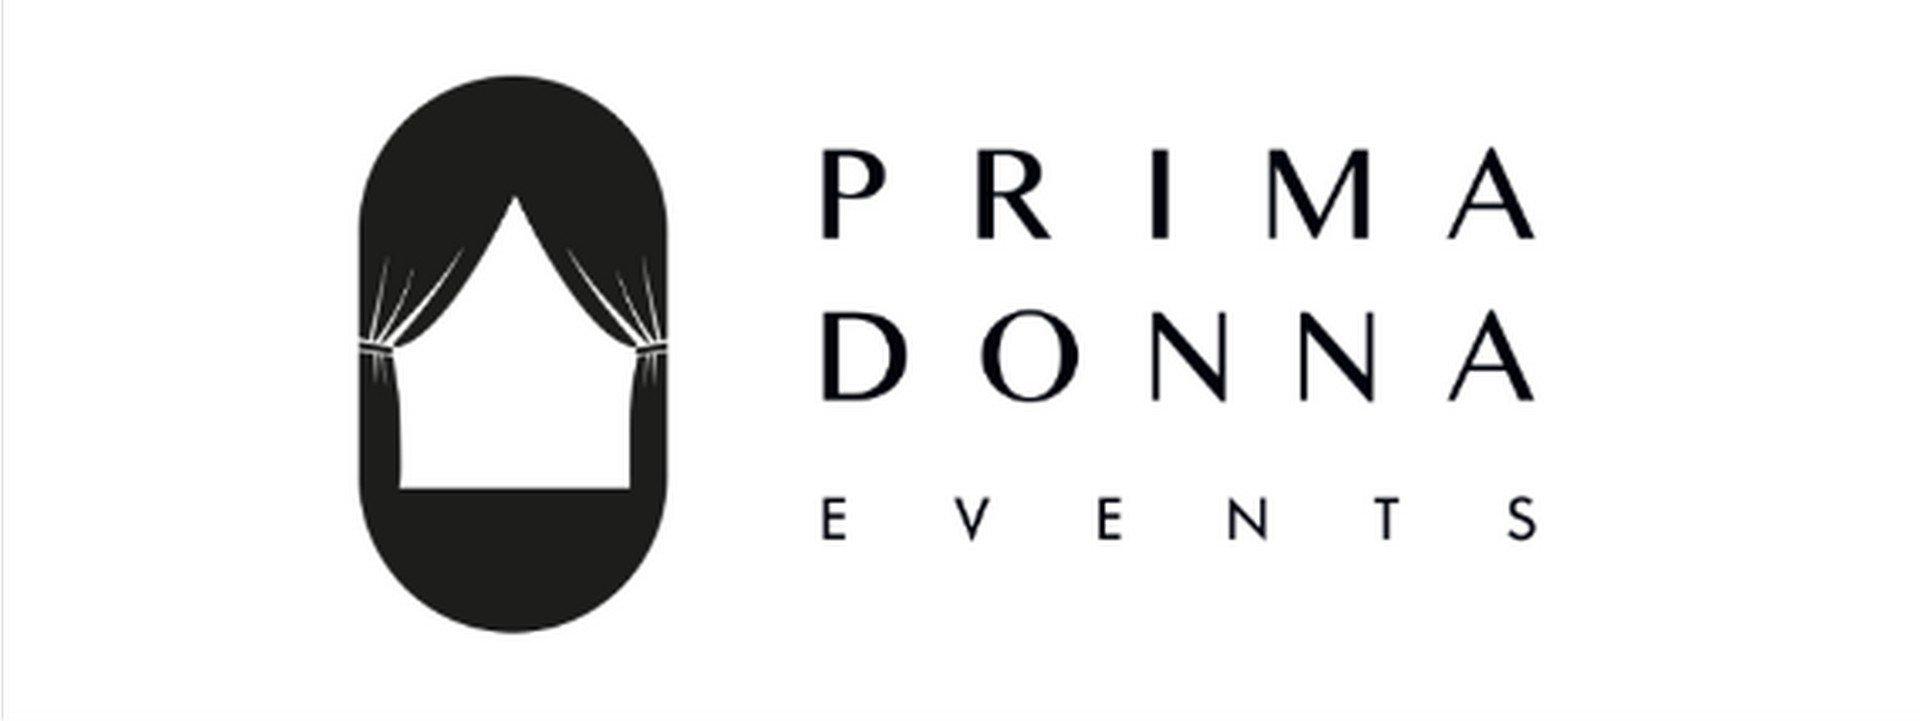 Prima Donna Events presenteert magisch sprookjesballet 'Sneeuwwitje' - Logo Prima Donna Events